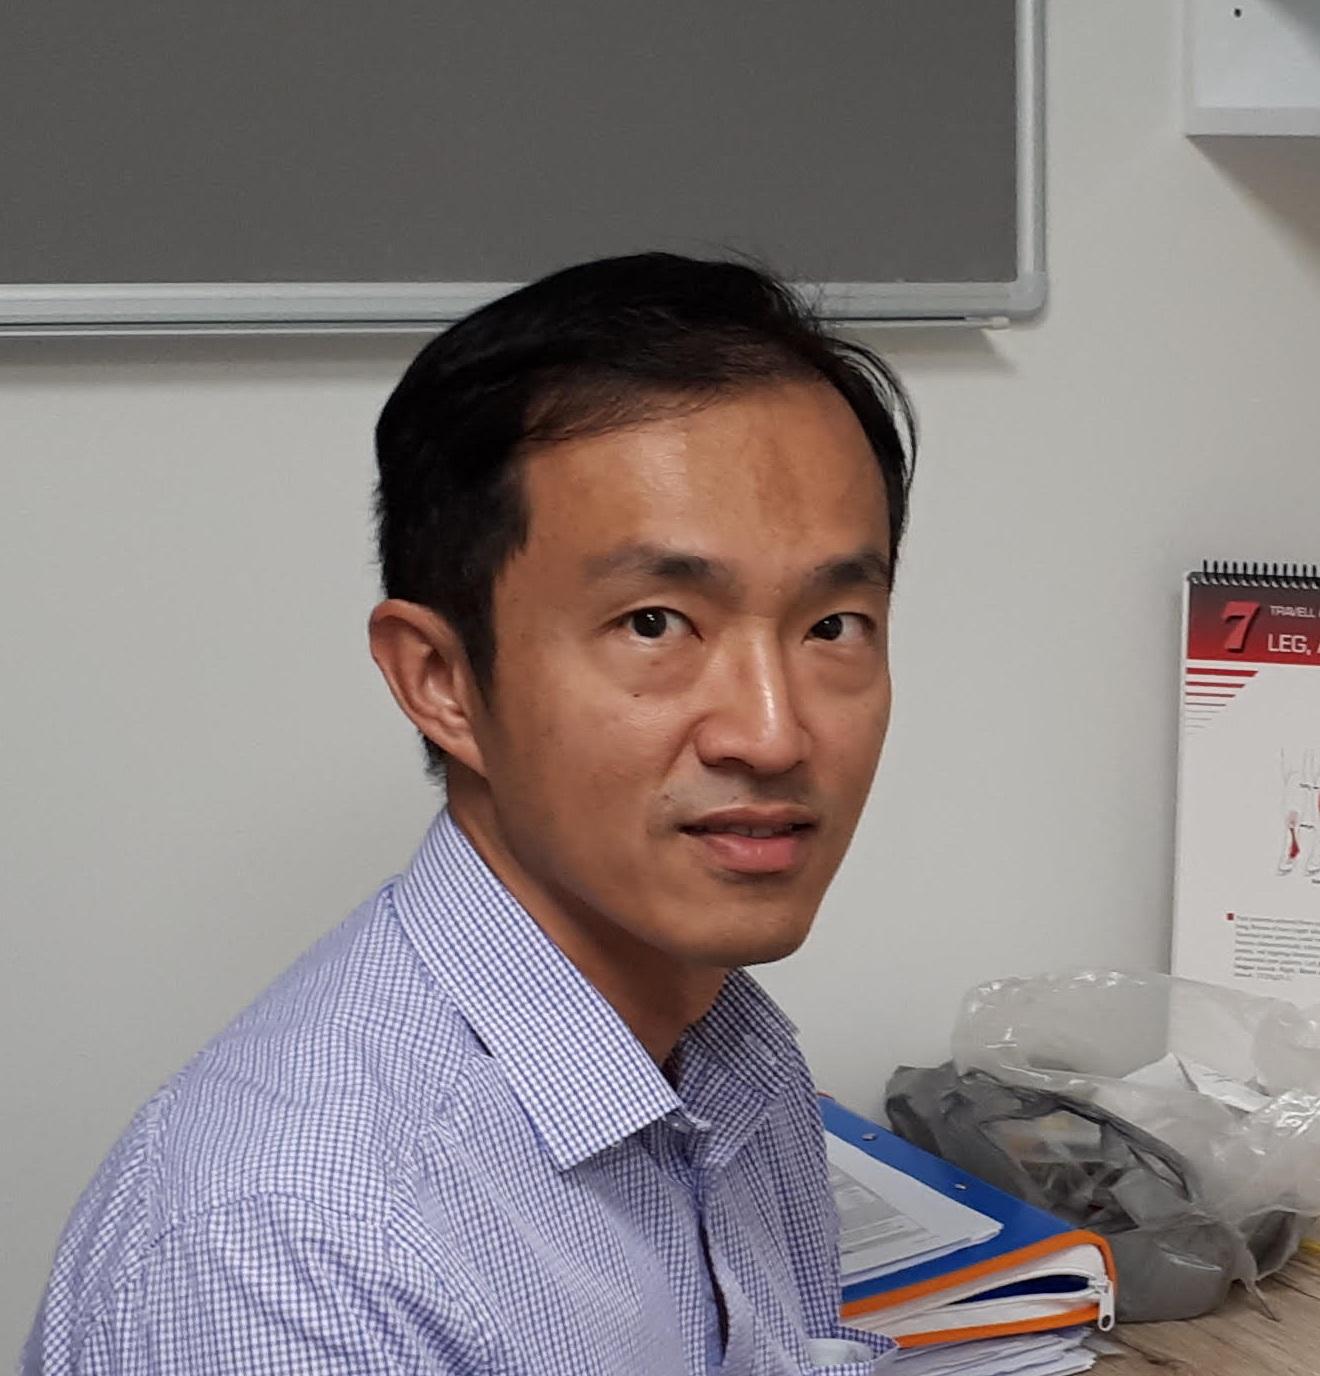 Dennis Kok